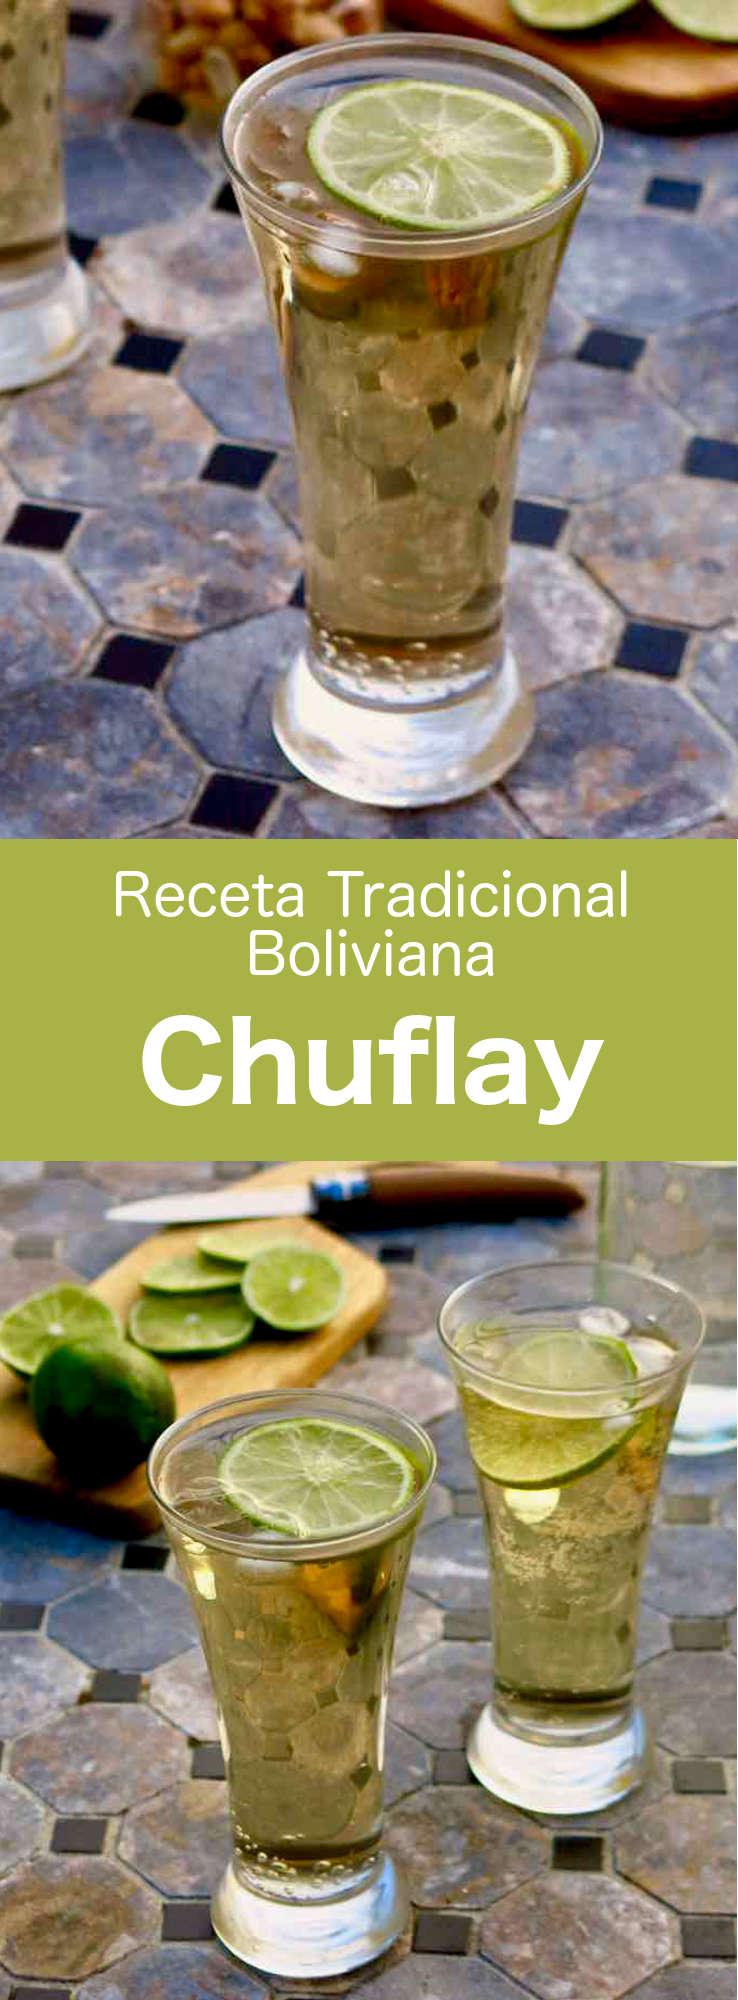 El chuflay es uno de los cócteles más populares de Bolivia. Se prepara con singani (un licor destilado de uvas blancas moscatel de Alejandría) y ginger ale.